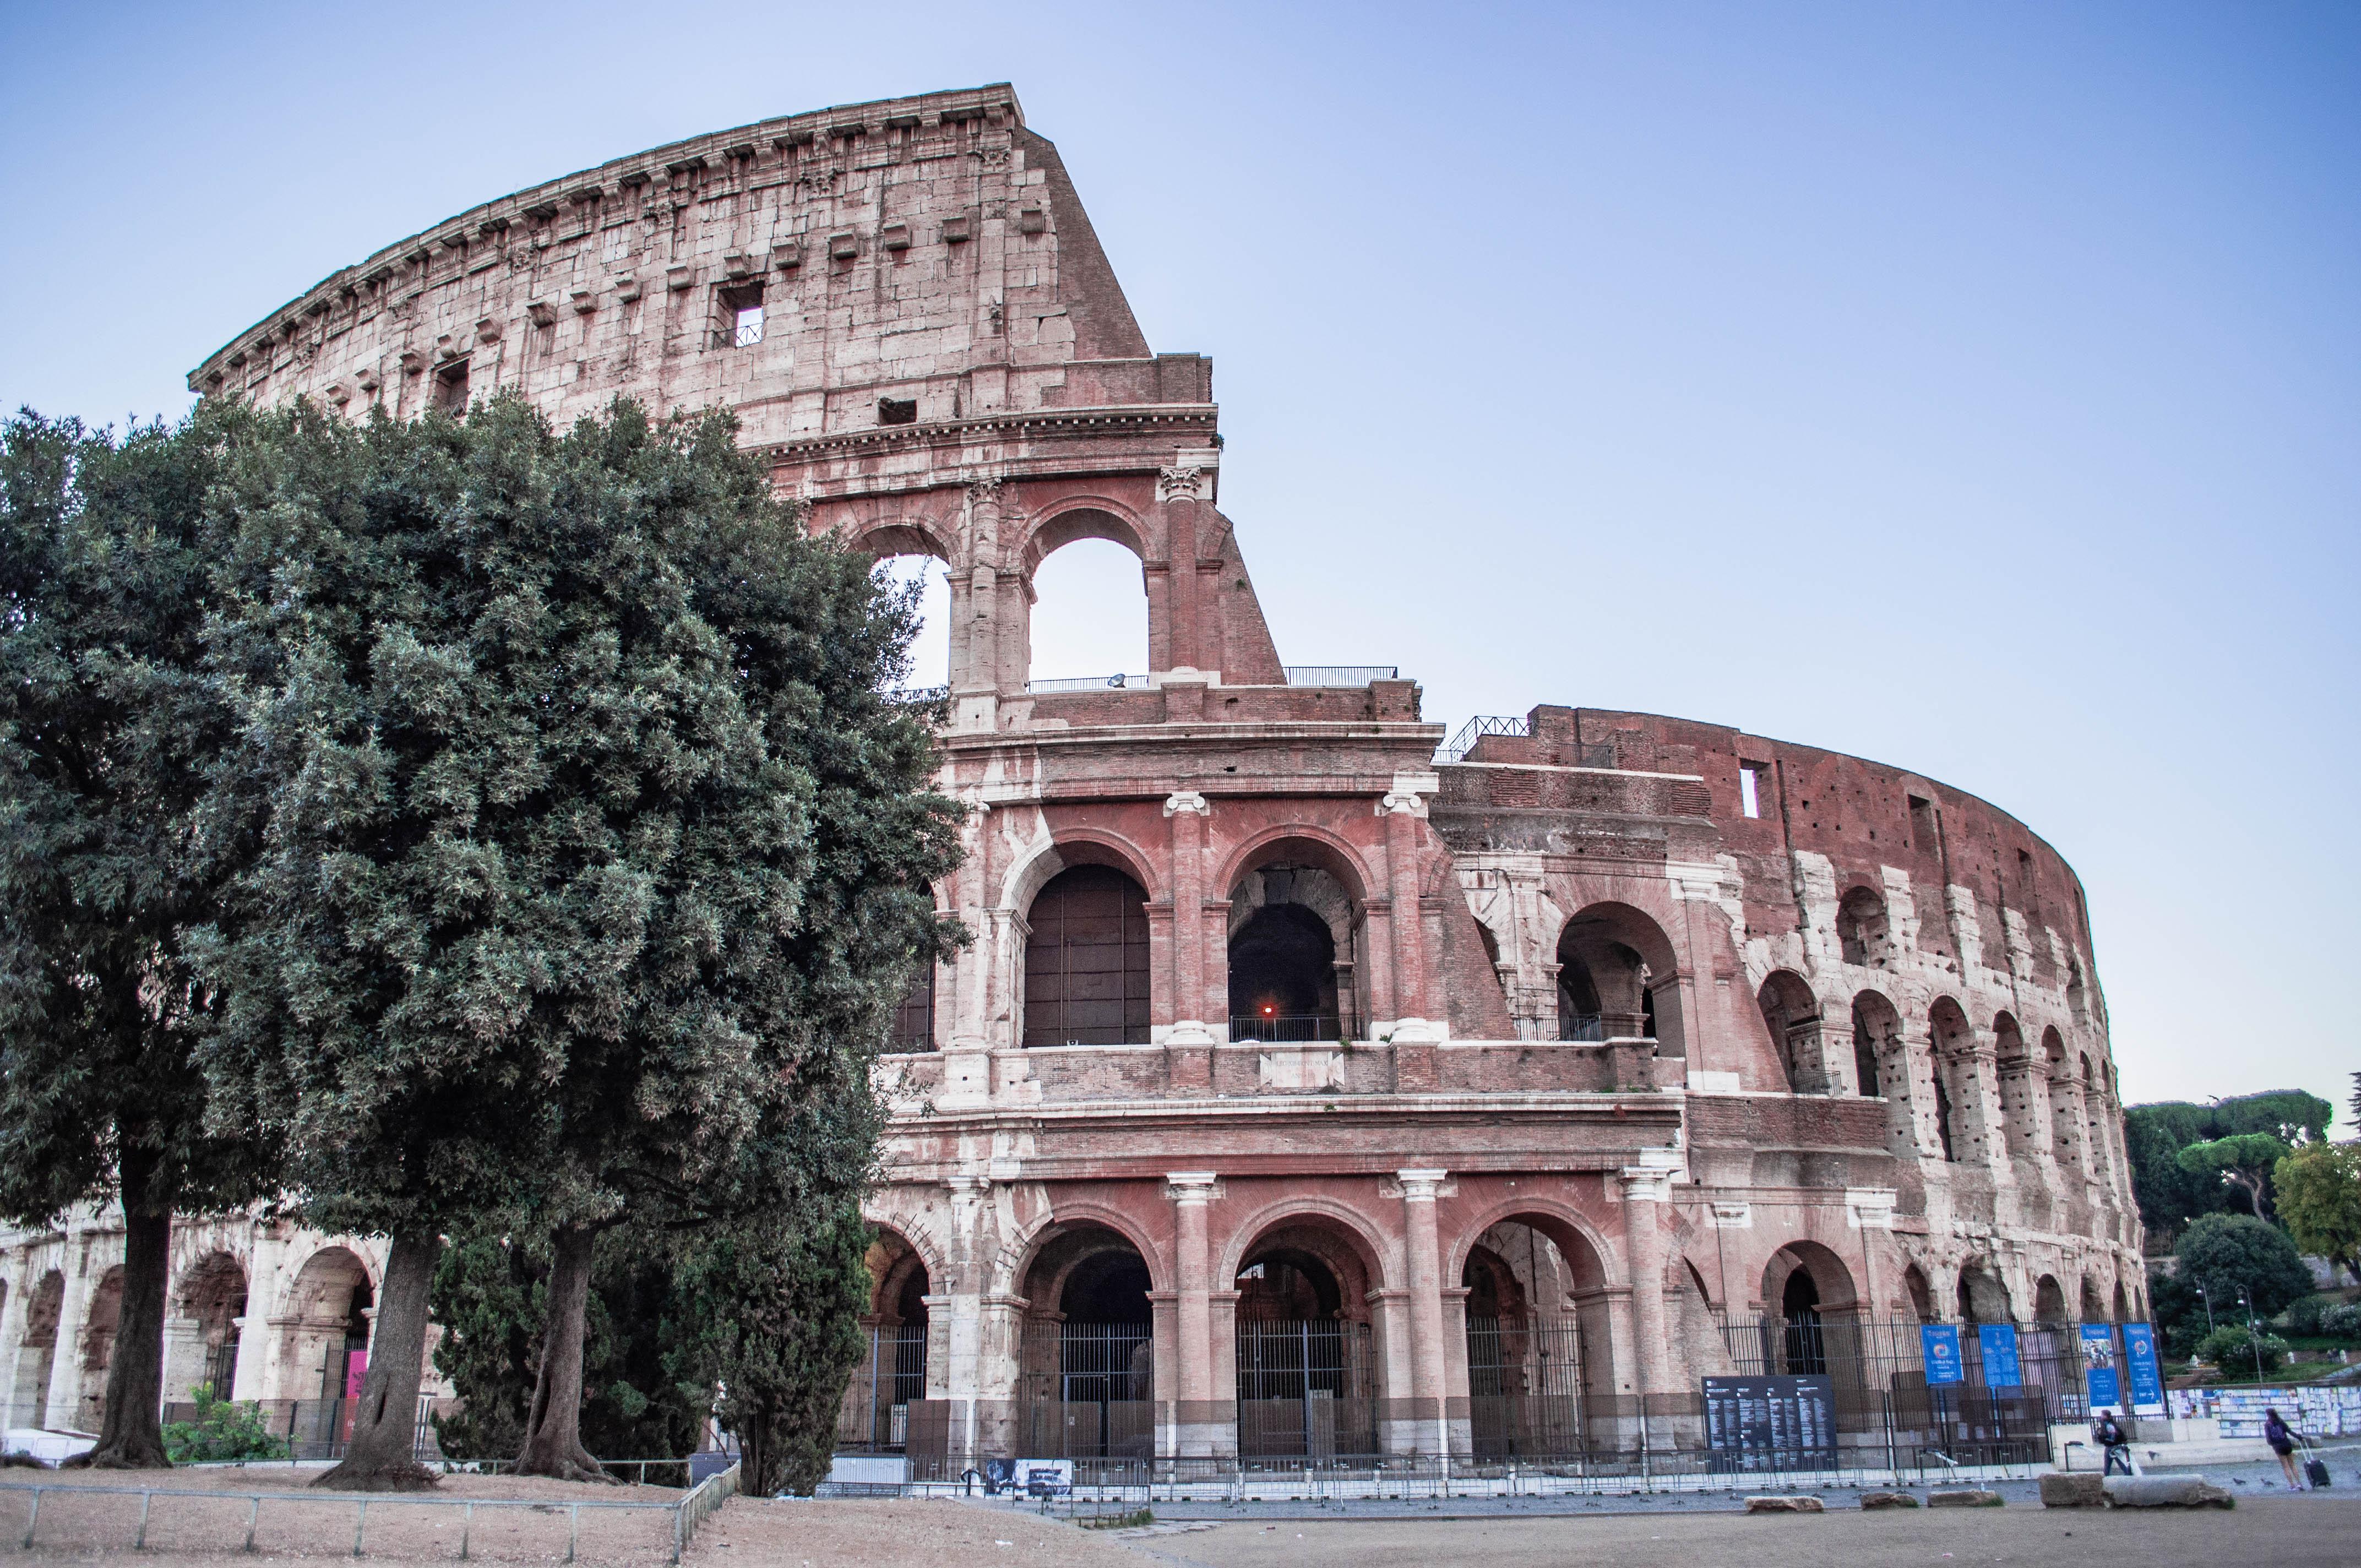 sette meraviglie del mondo moderno; uno è il Colosseo